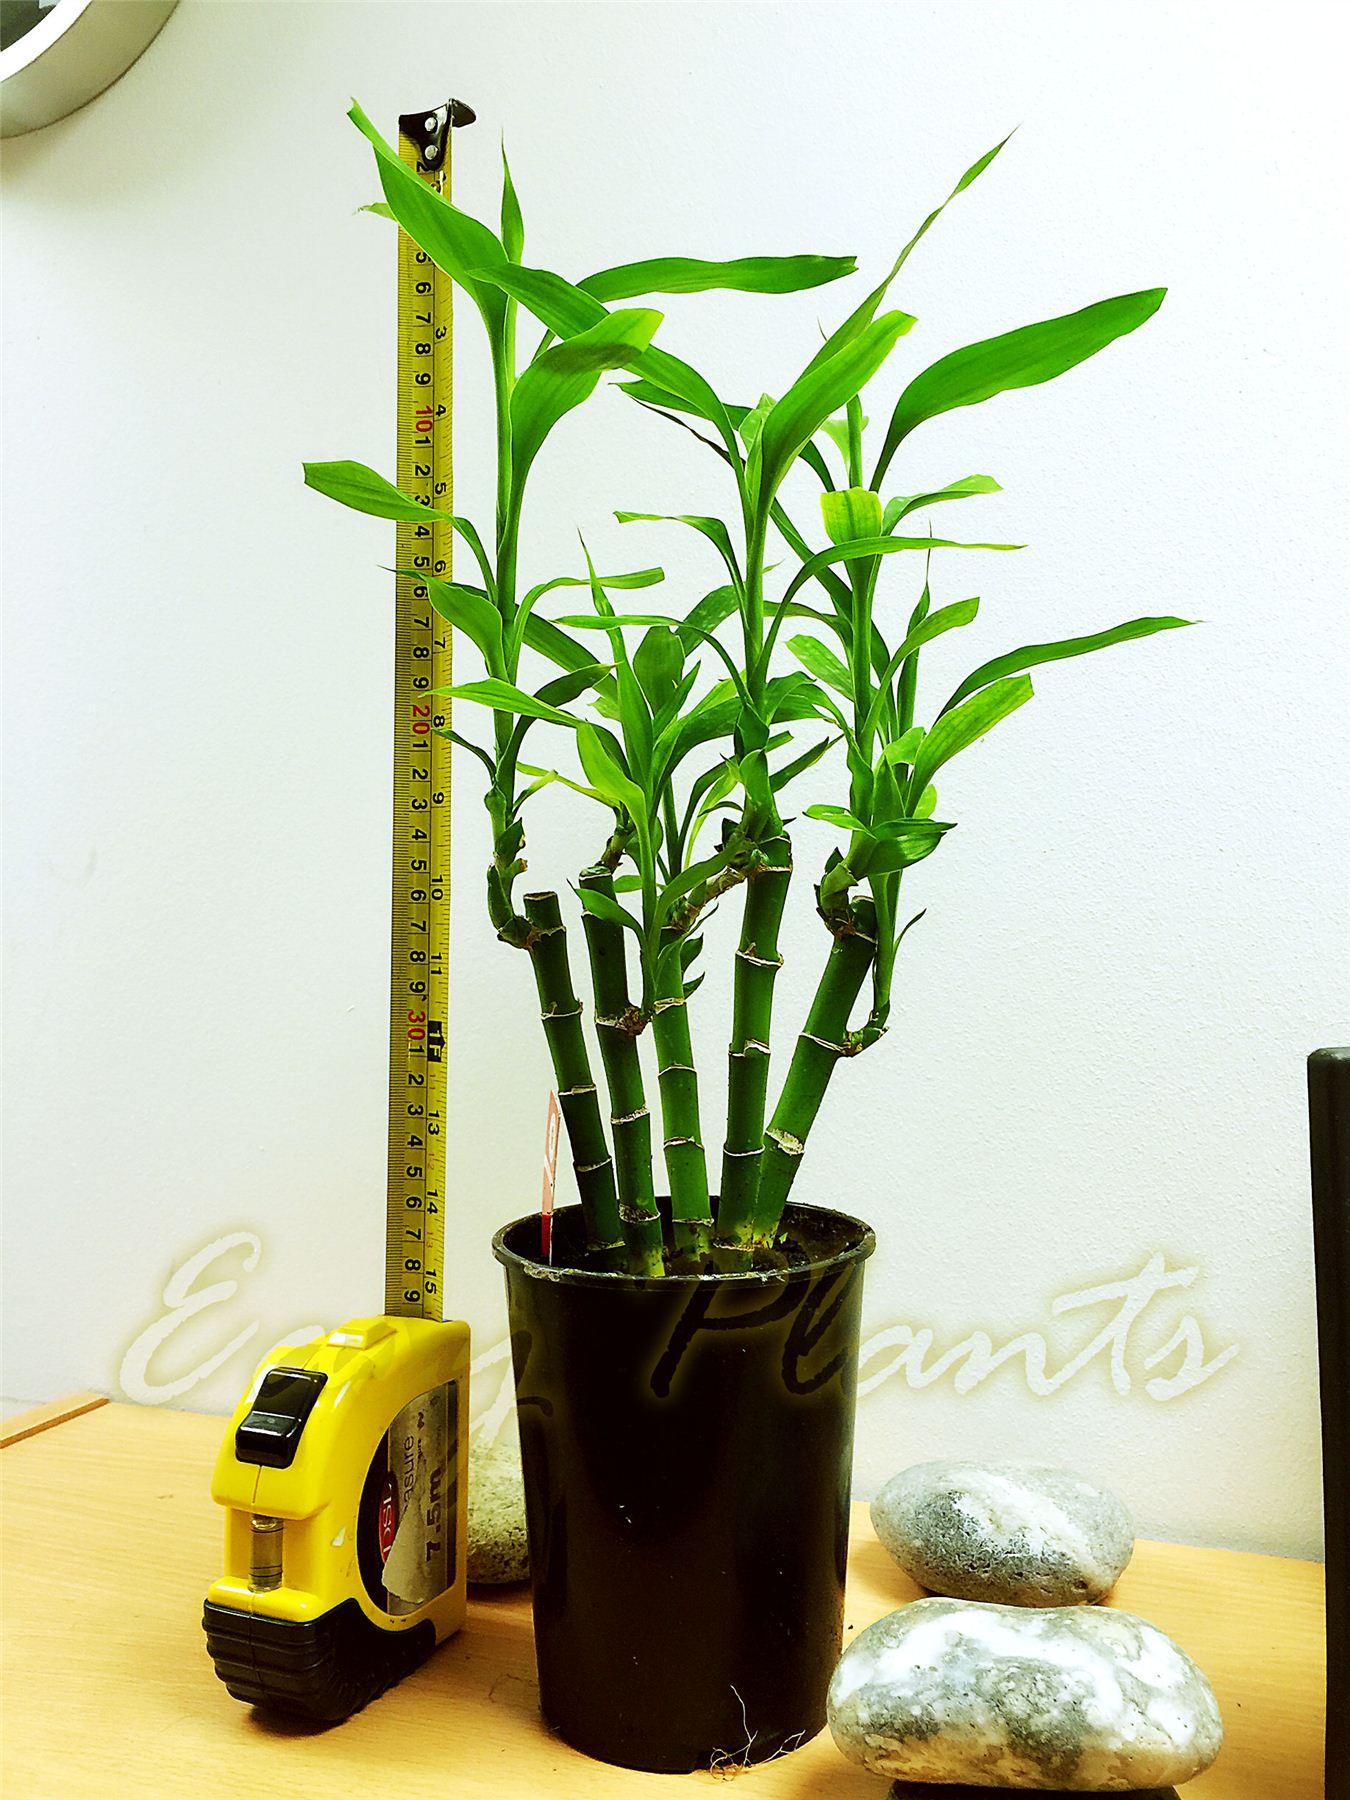 Pote de bamb de la suerte de plantas en suelo colorido - Suelo de bambu ...